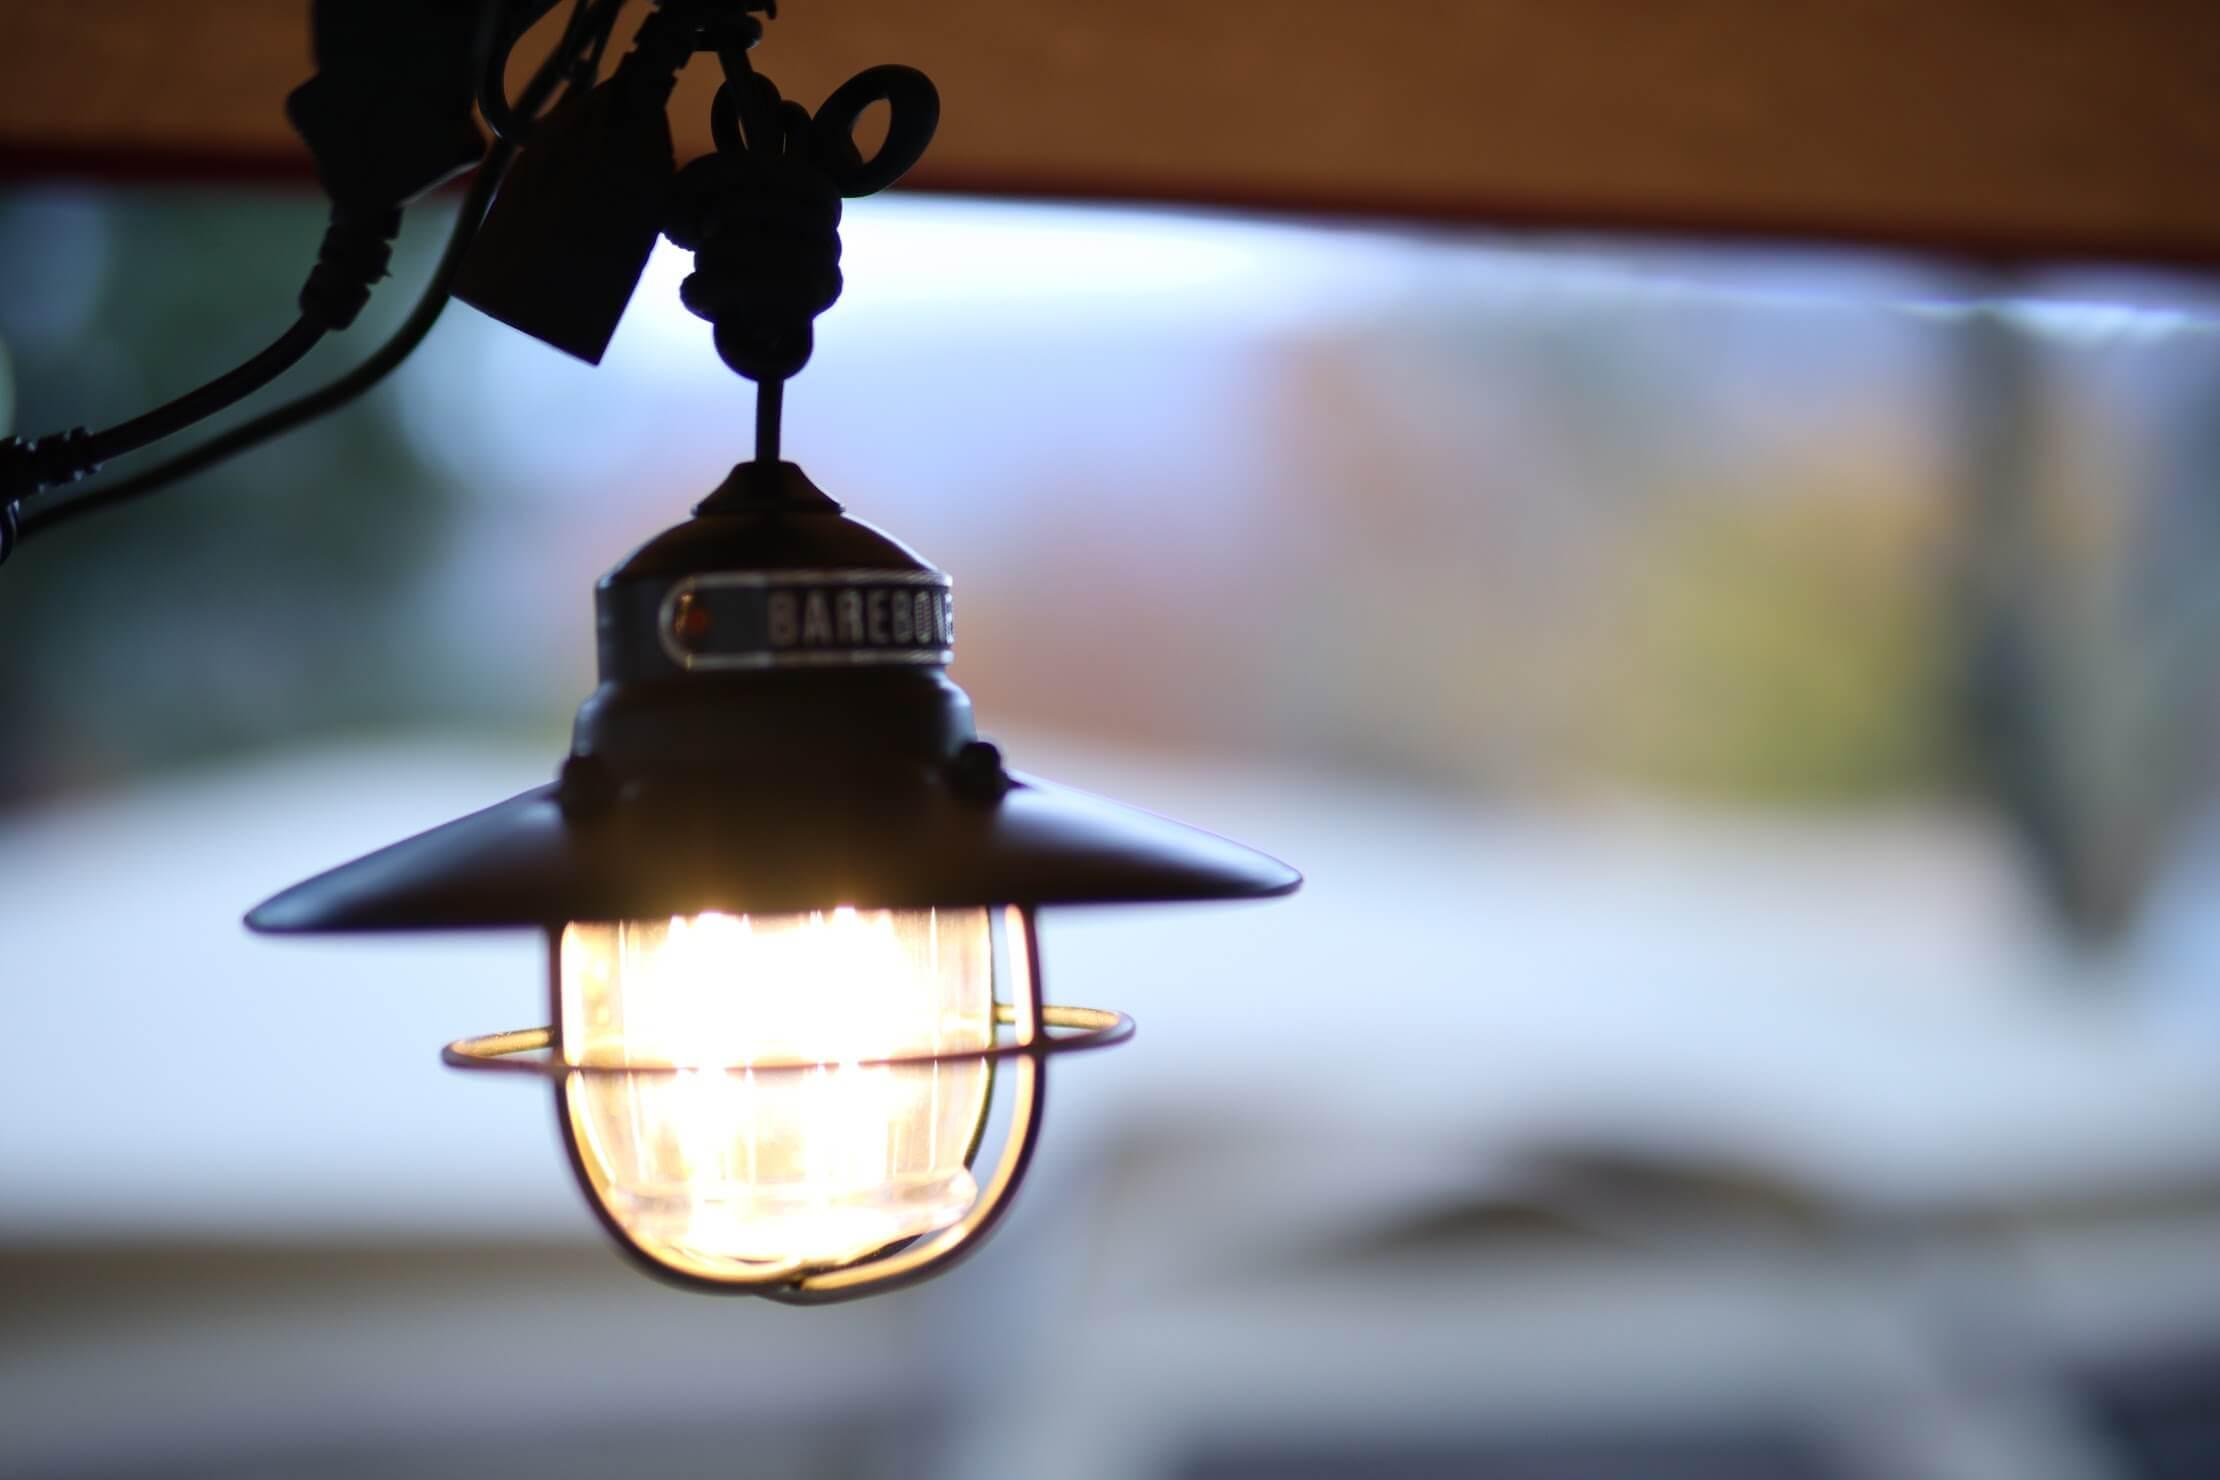 LEDのサブランタン(ベアボーンズリビング エジソン ペンダントライトLED)